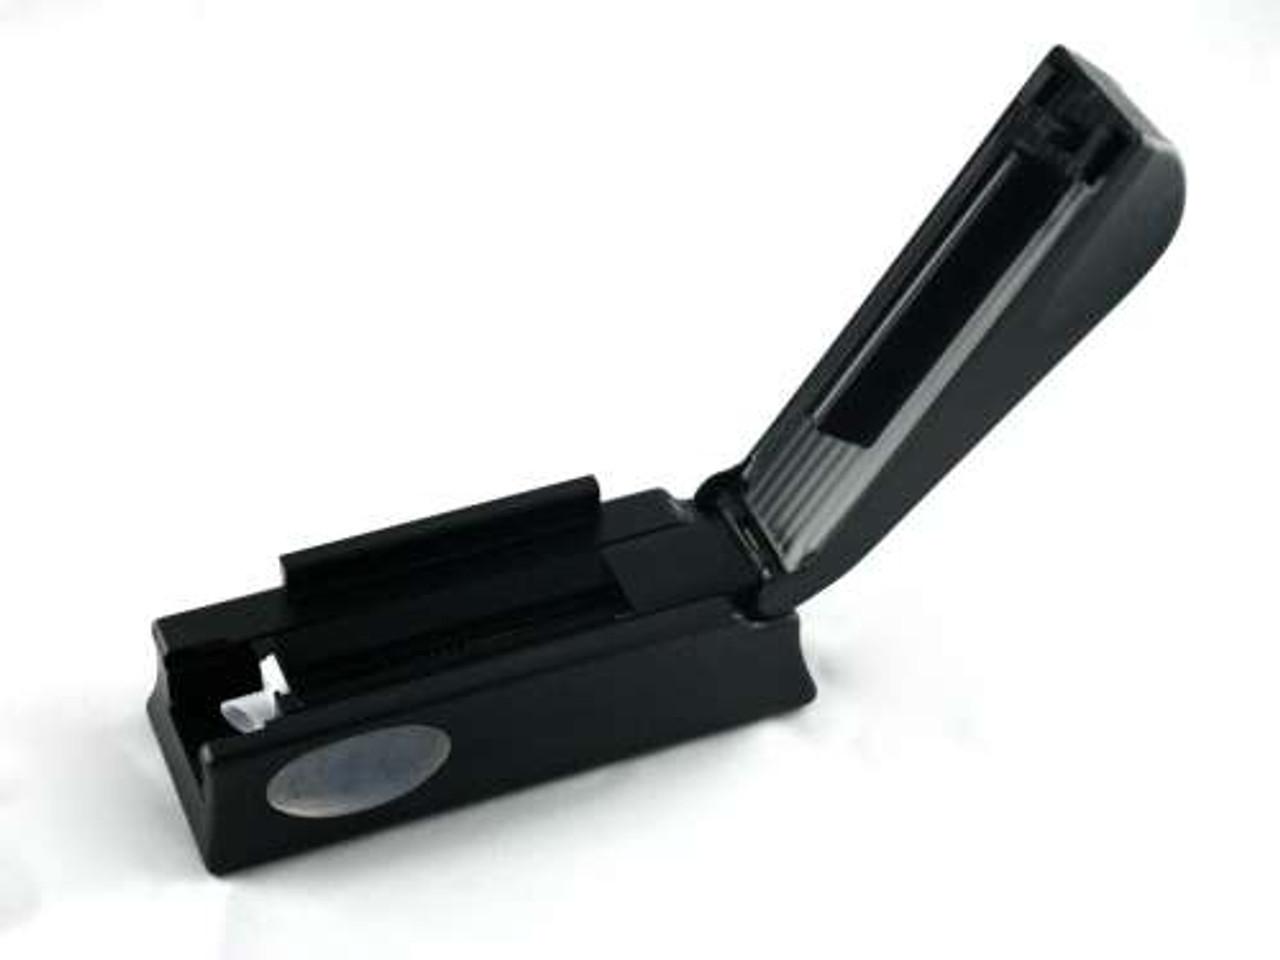 Zen Quick Shooter Cigarette Injector Machine